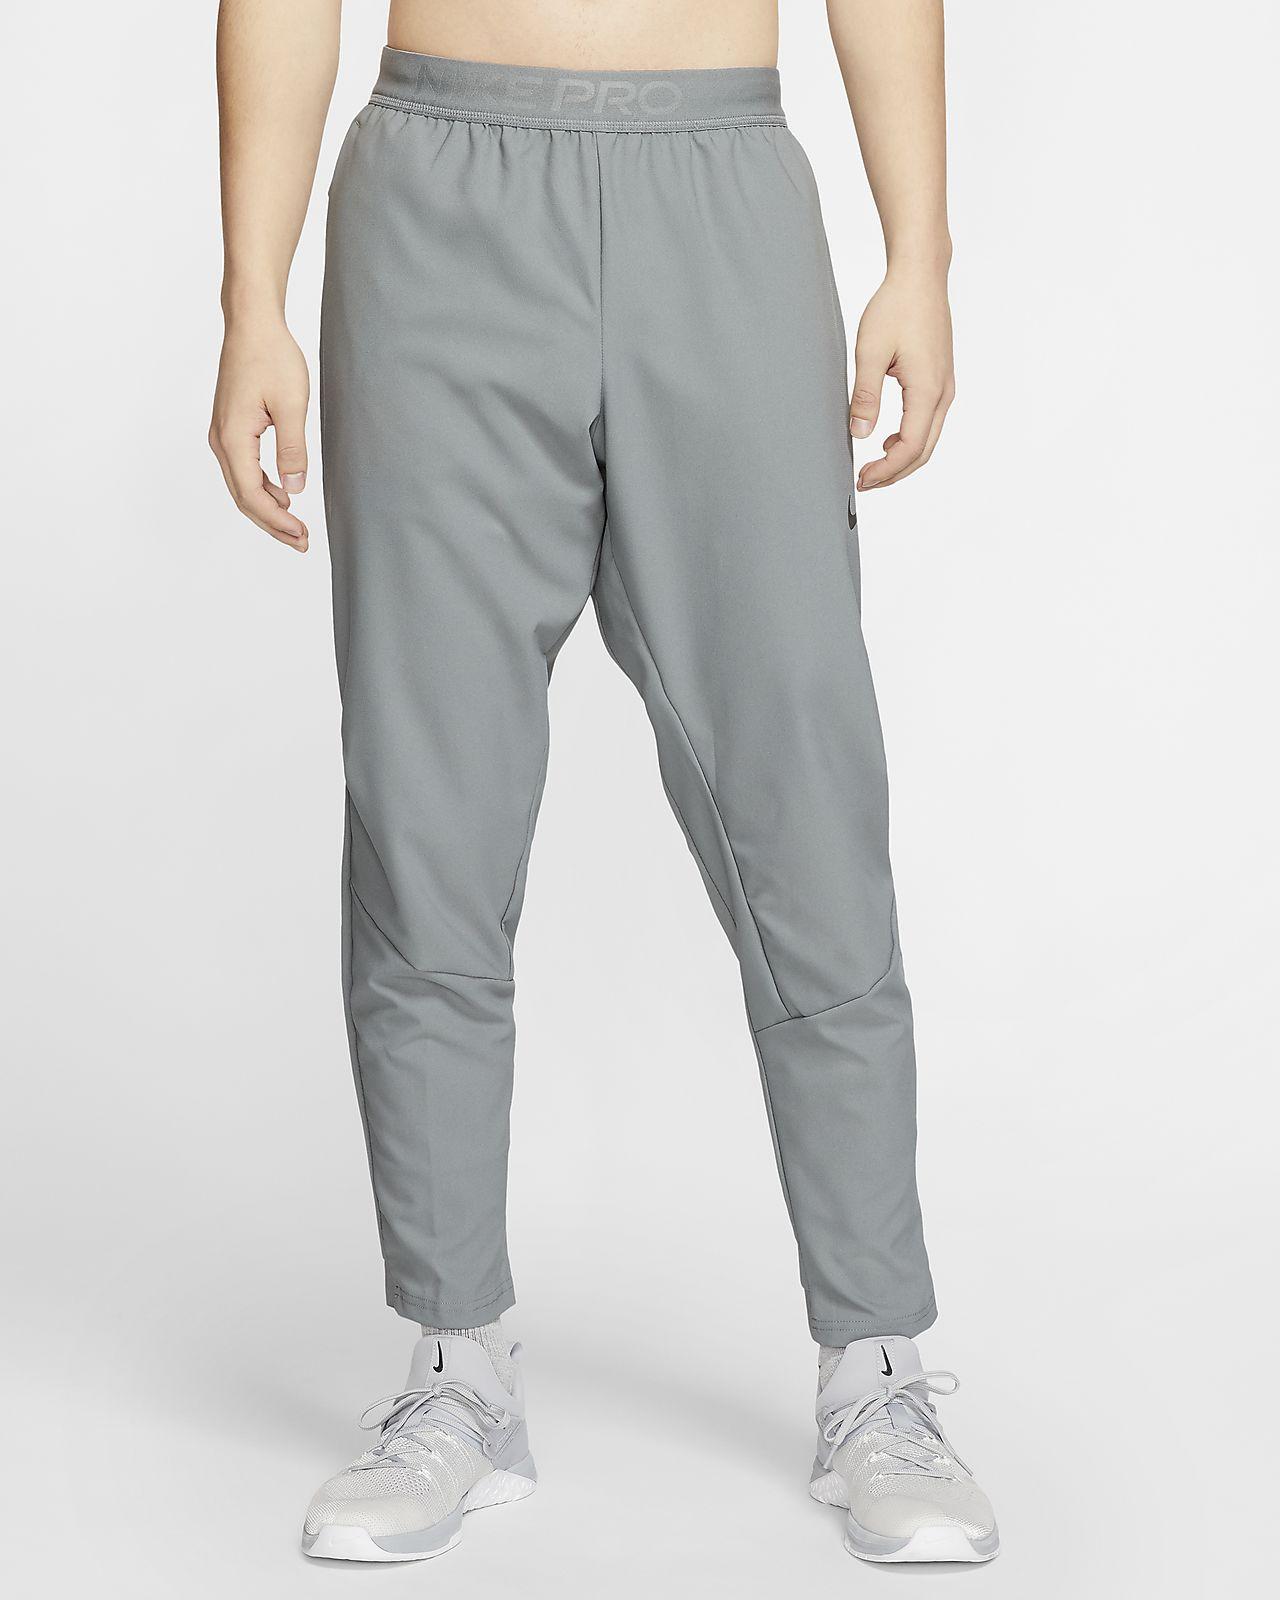 Nike Flex Men's Training Pants